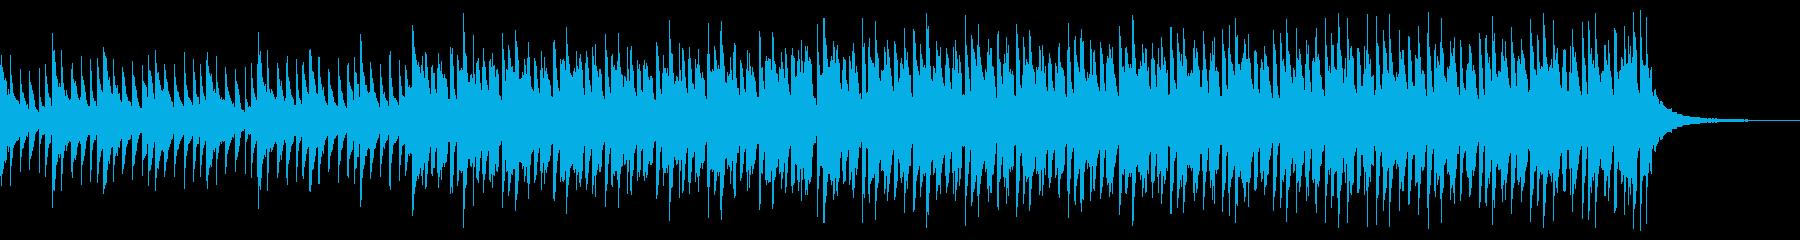 ショートver ゆったり ピアノ&鉄琴の再生済みの波形